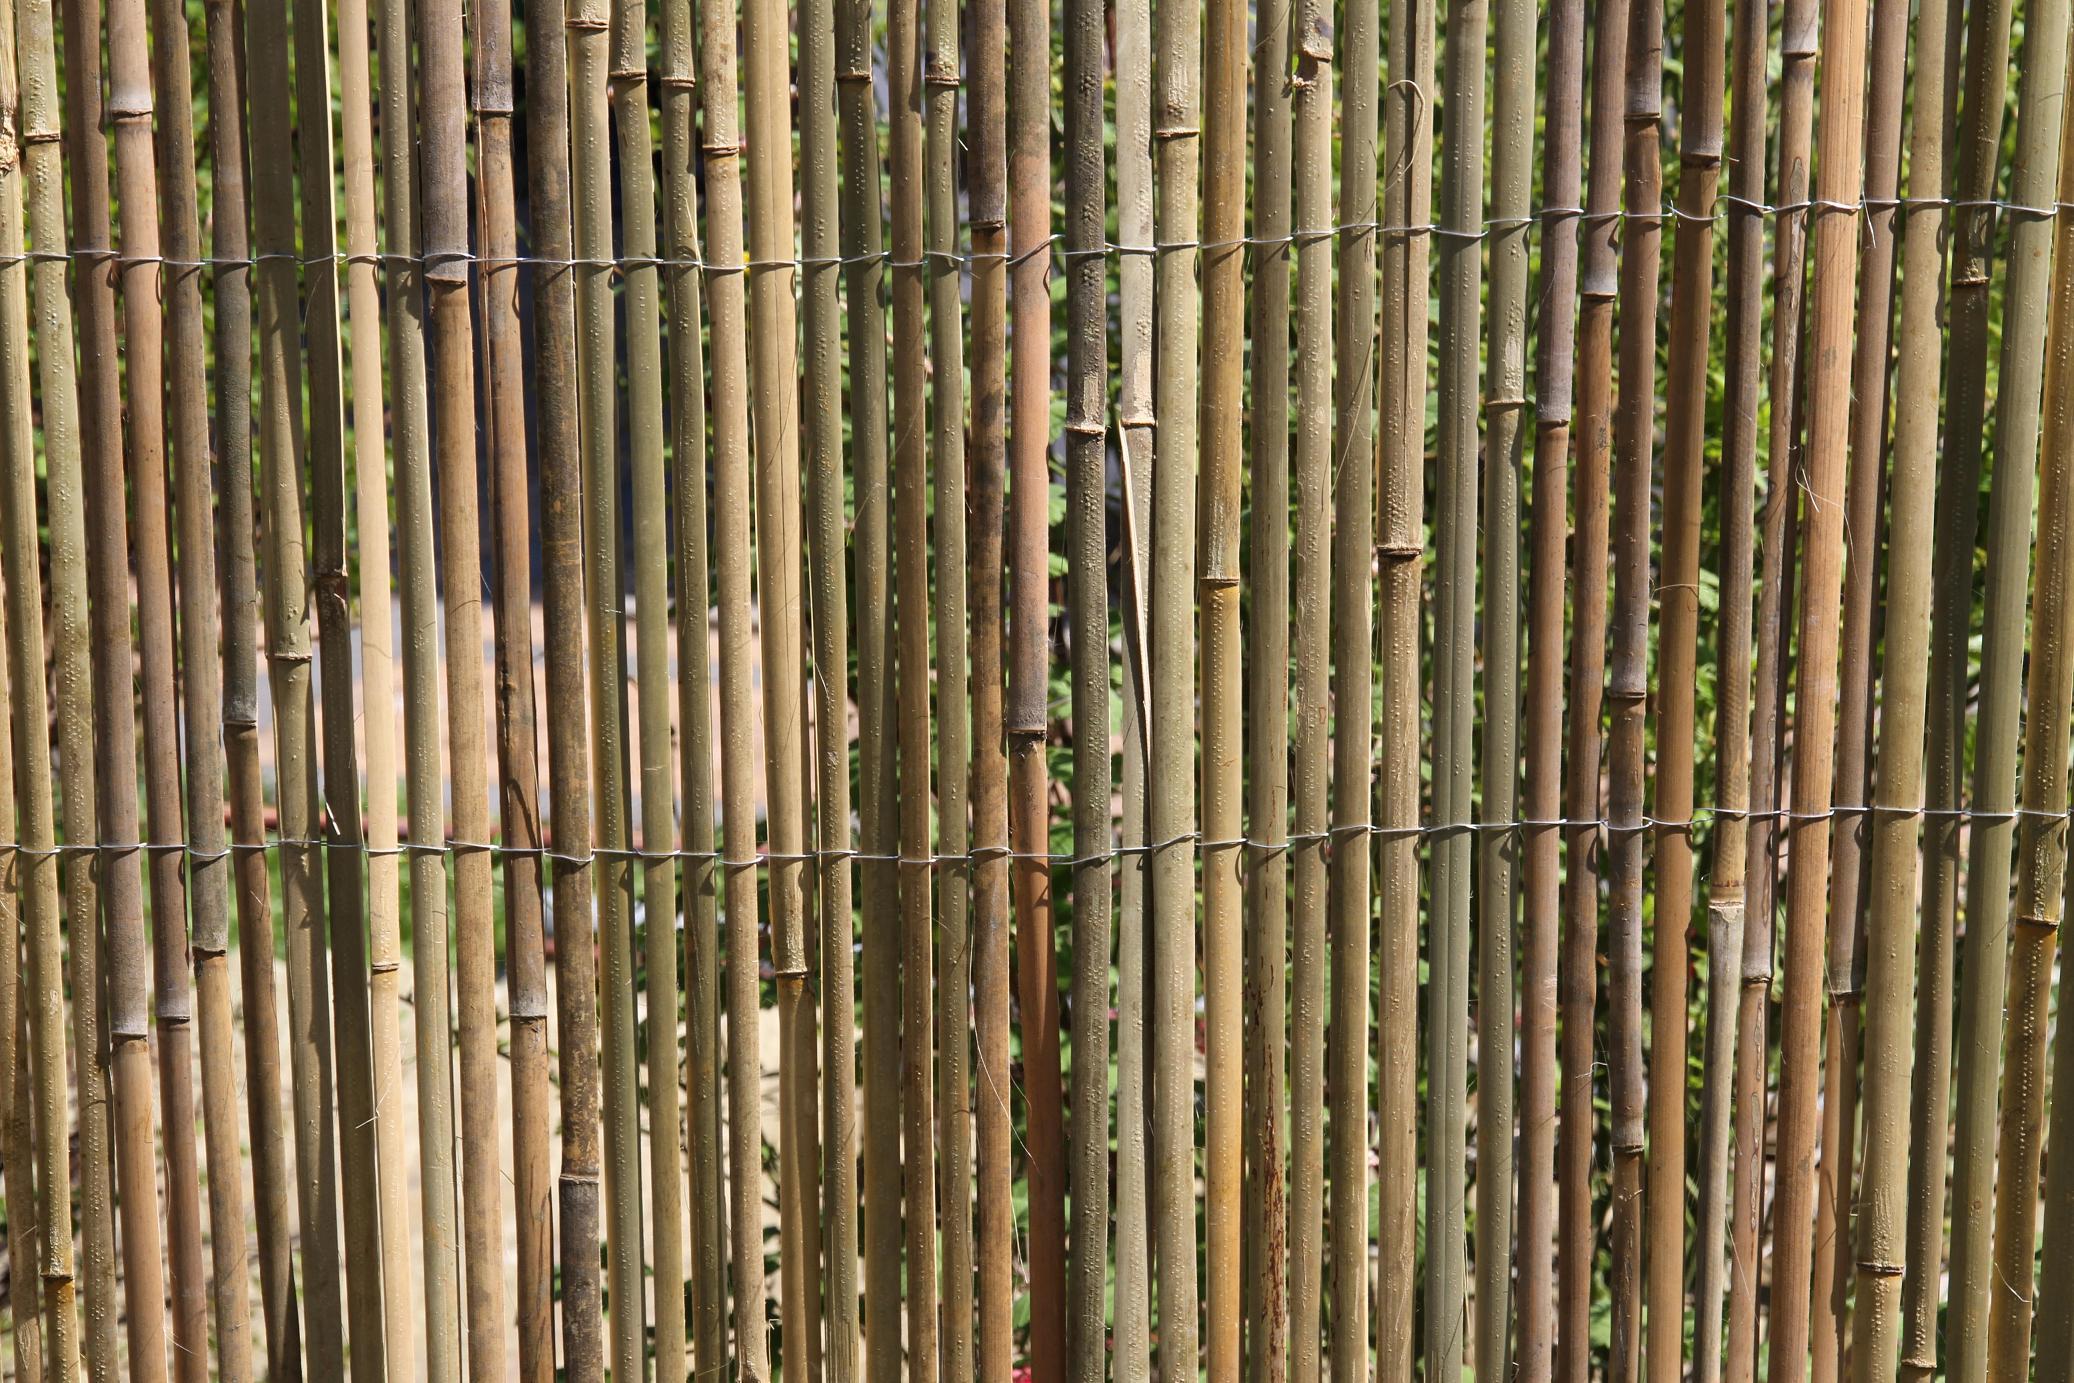 Full Size of Balkon Sichtschutz Bambus Ikea Bambusmatte Sichtschutzzaun Zaun Gartenzaun 1 Miniküche Bett Garten Sofa Mit Schlaffunktion Betten Bei Fenster Küche Kaufen Wohnzimmer Balkon Sichtschutz Bambus Ikea